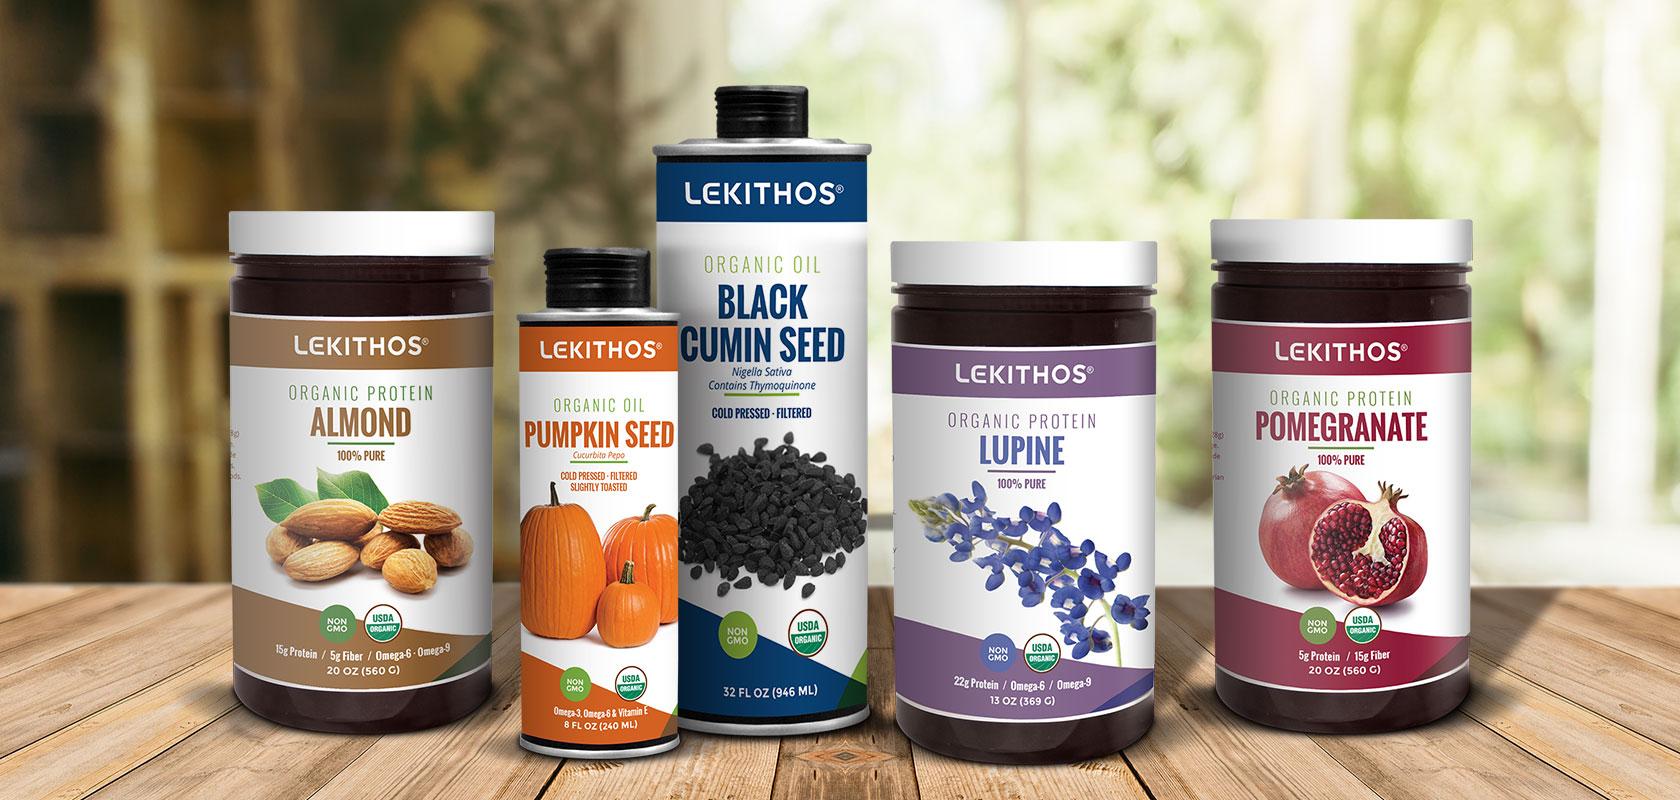 lekithos-product